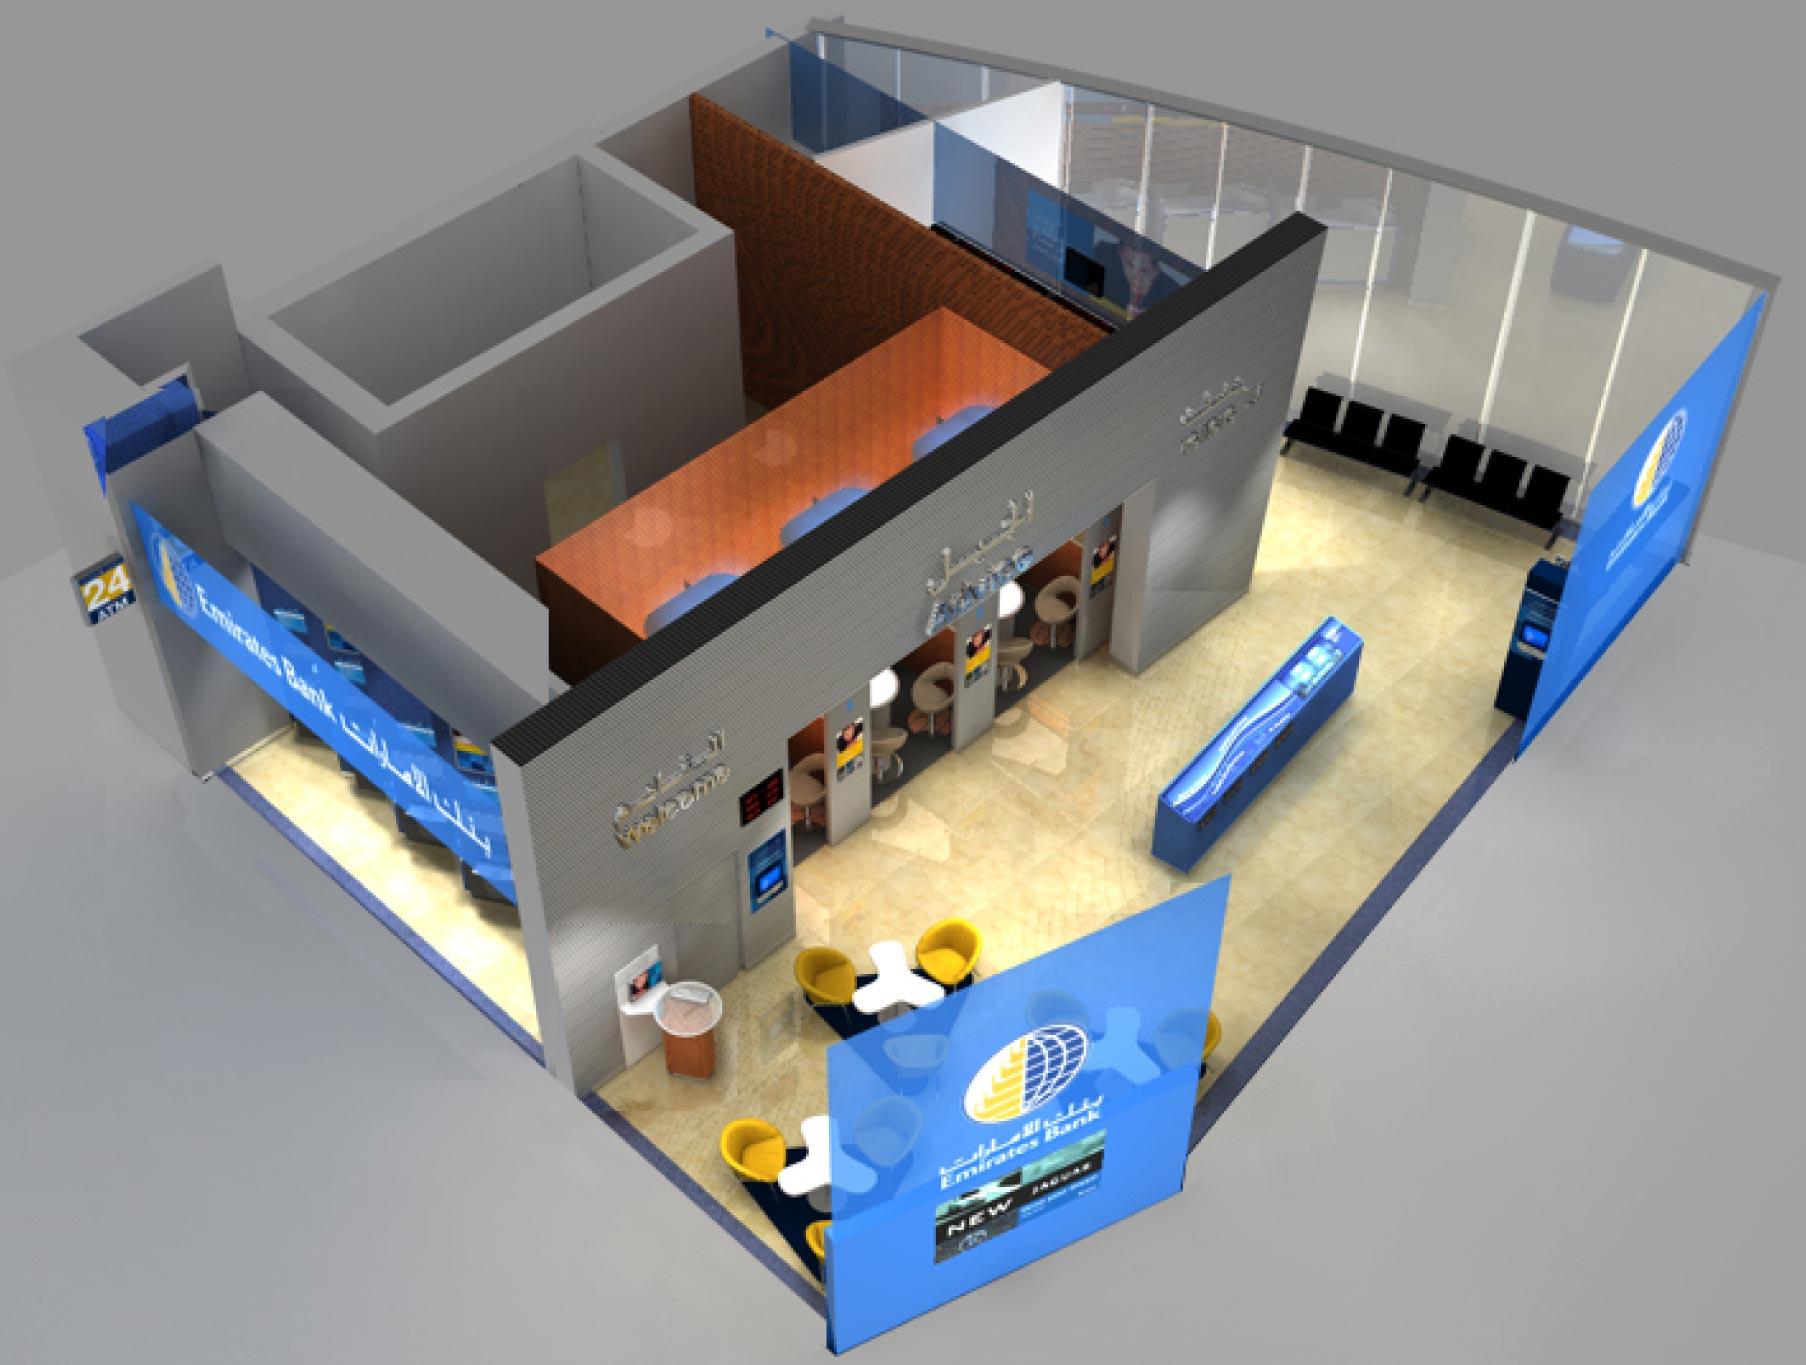 REtail Banking 2